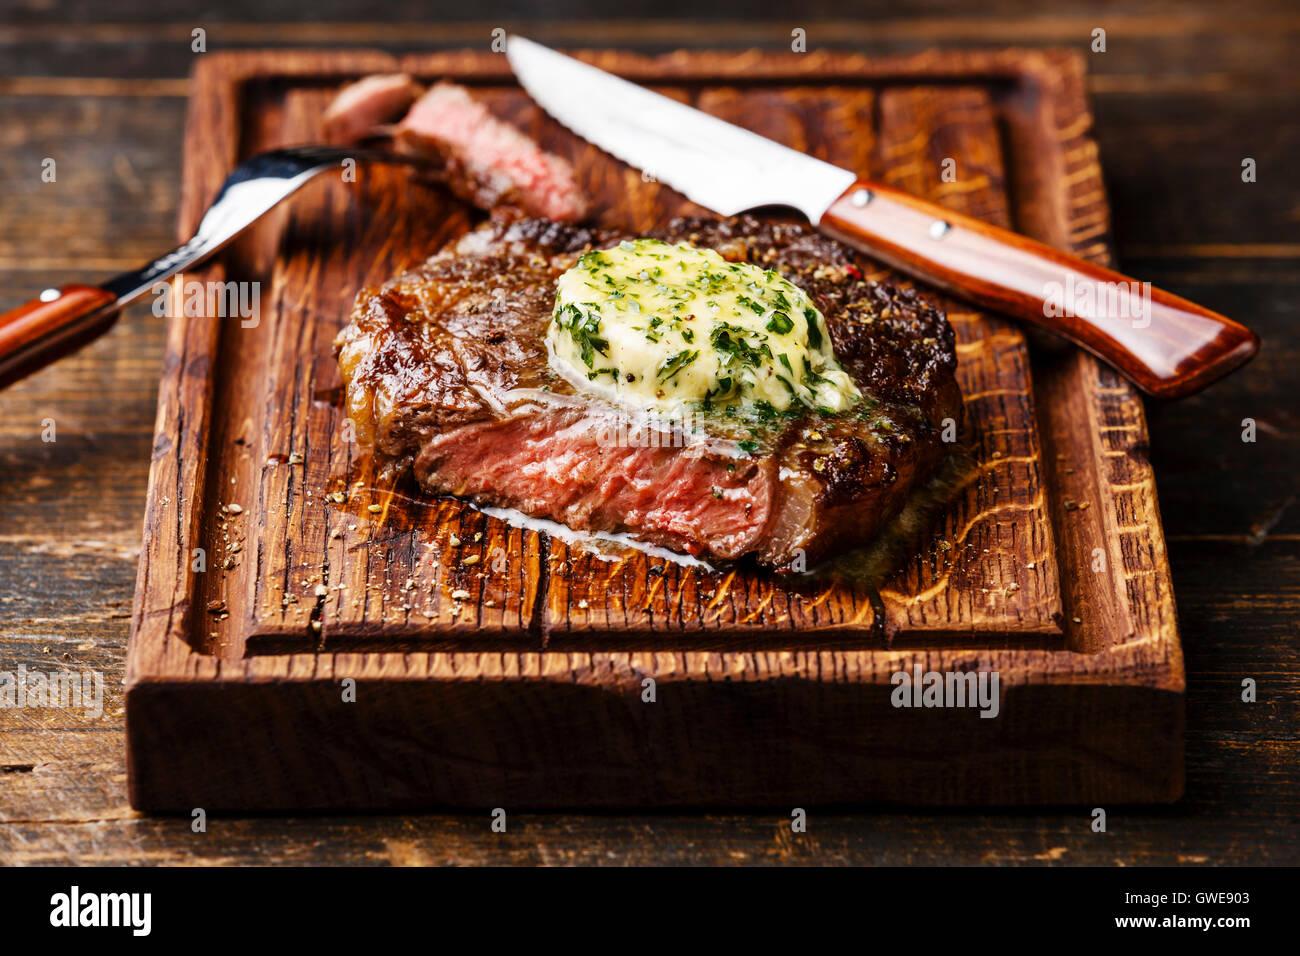 Grigliata di mezzo raro steak bistecca con burro alle erbe sul bordo di taglio Immagini Stock